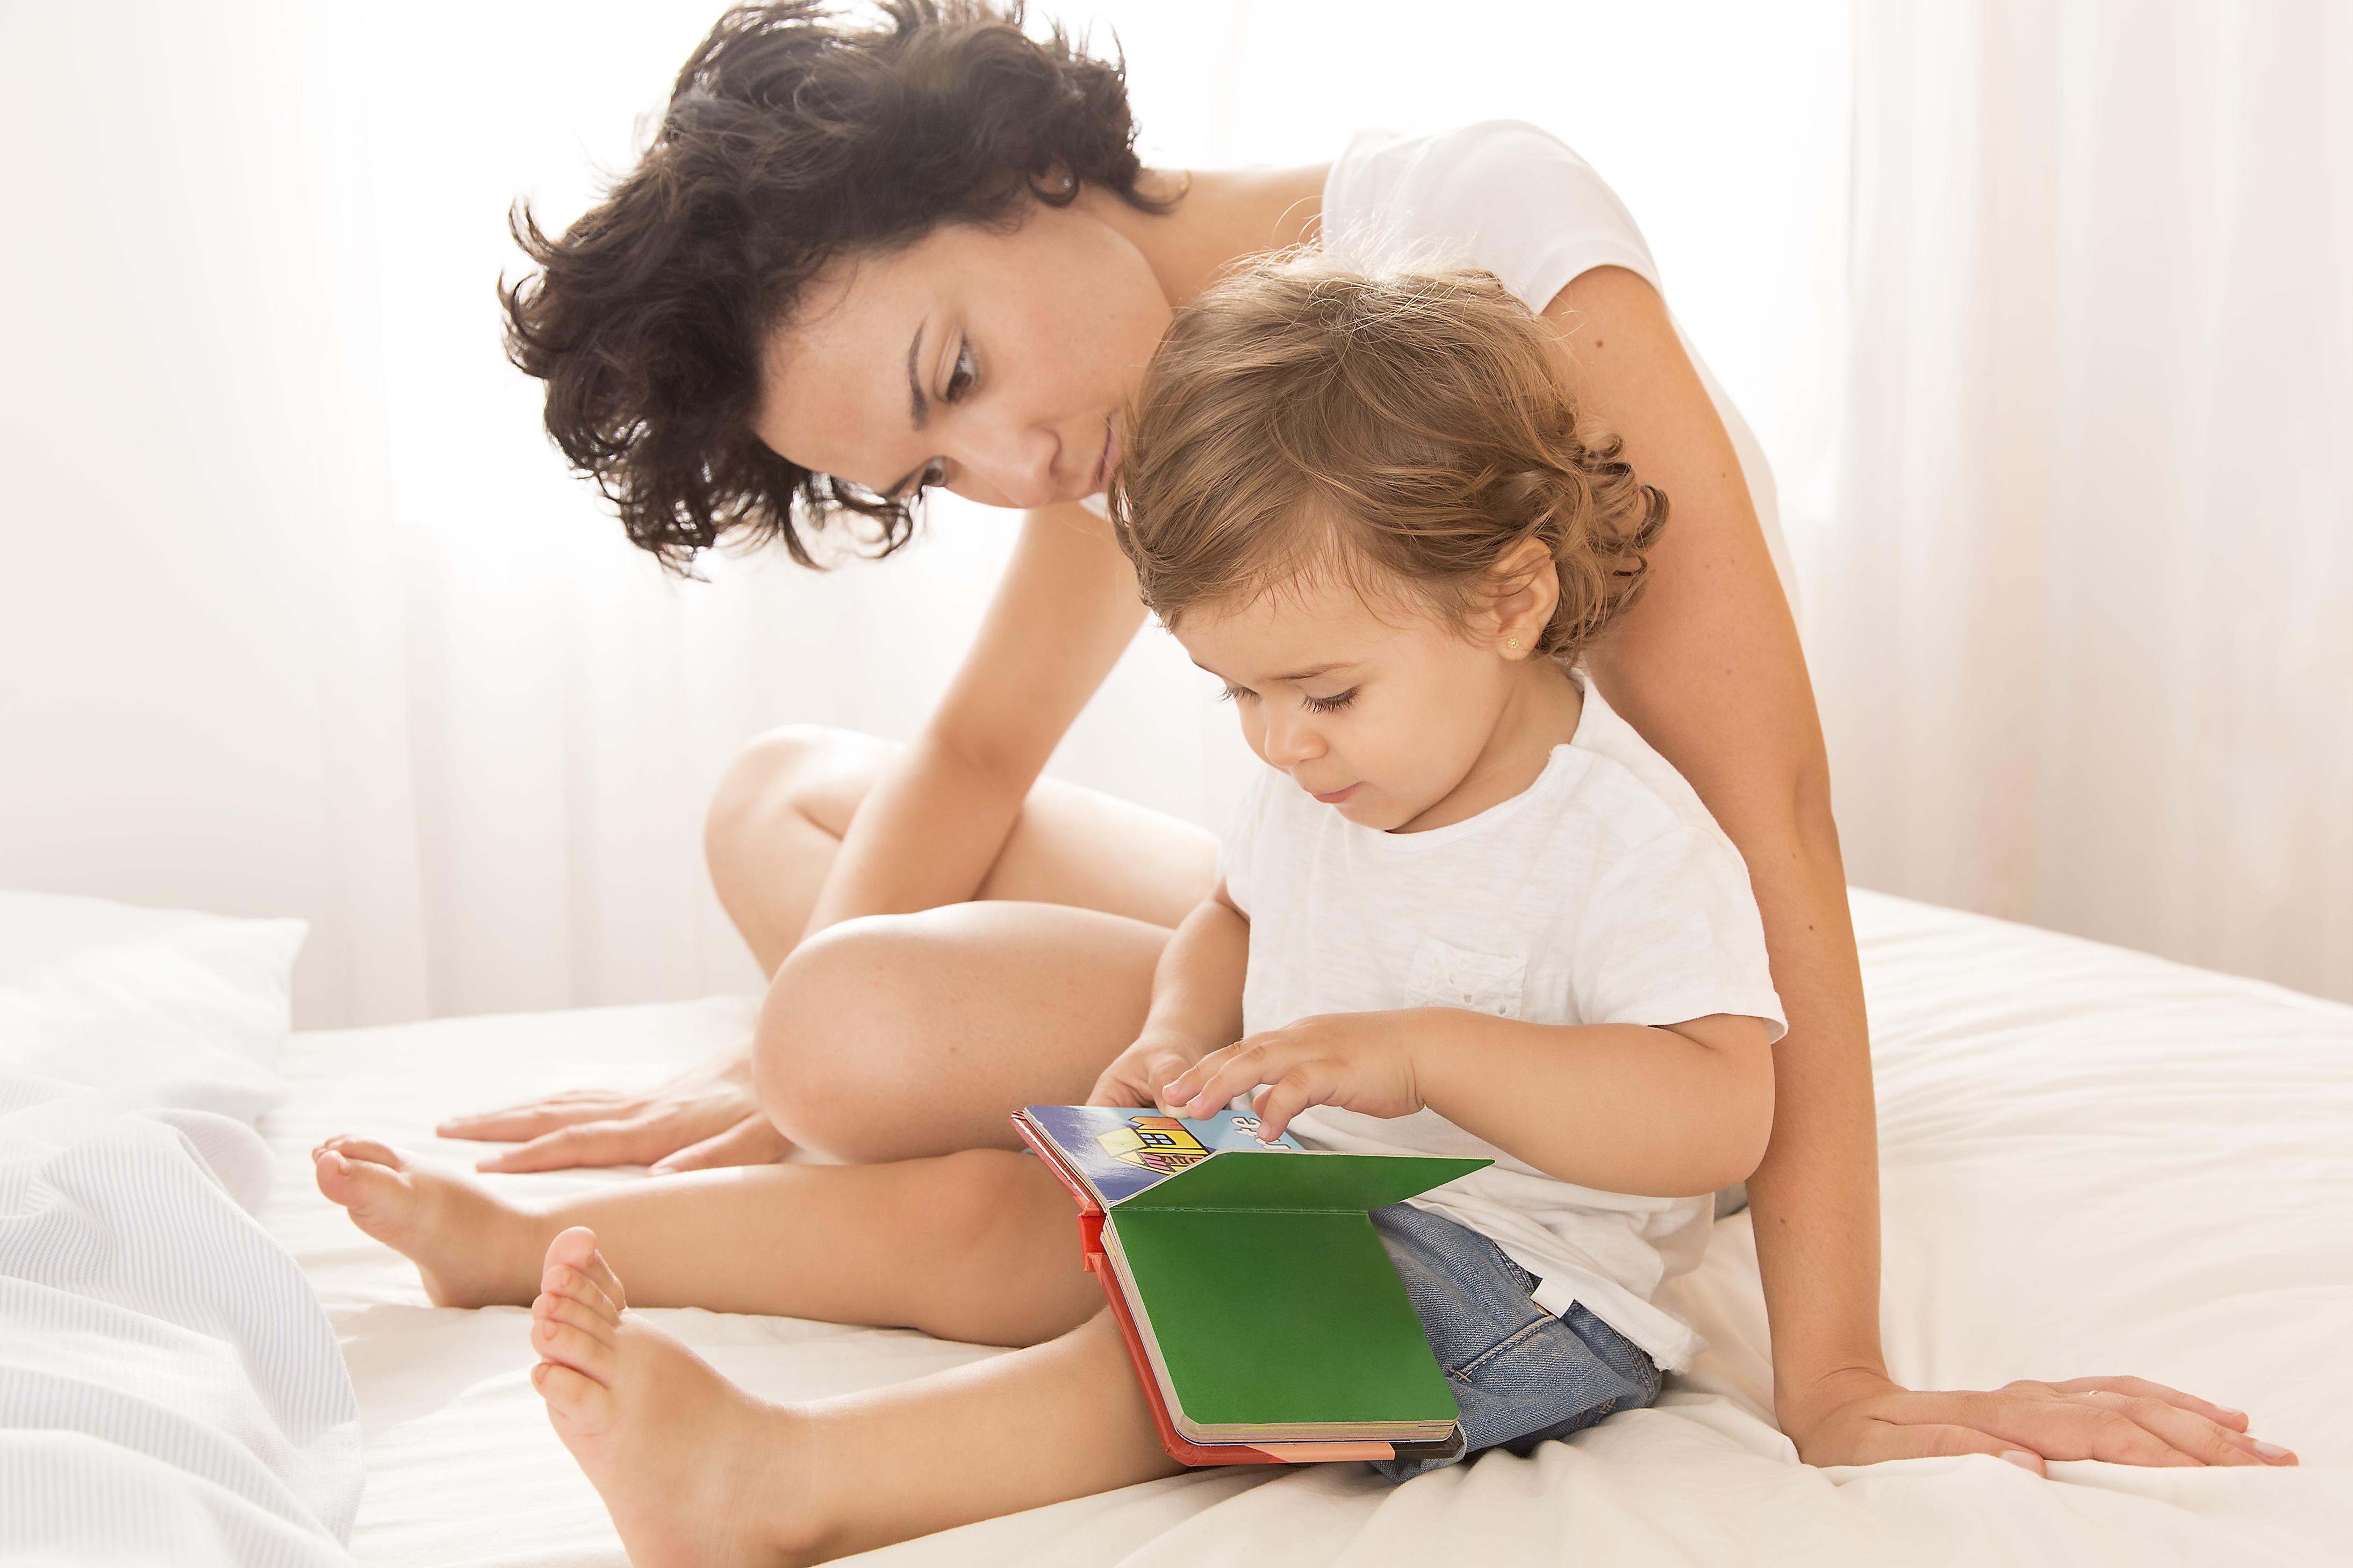 רשימת ספרים מומלצים לגילאי לידה עד שנתיים